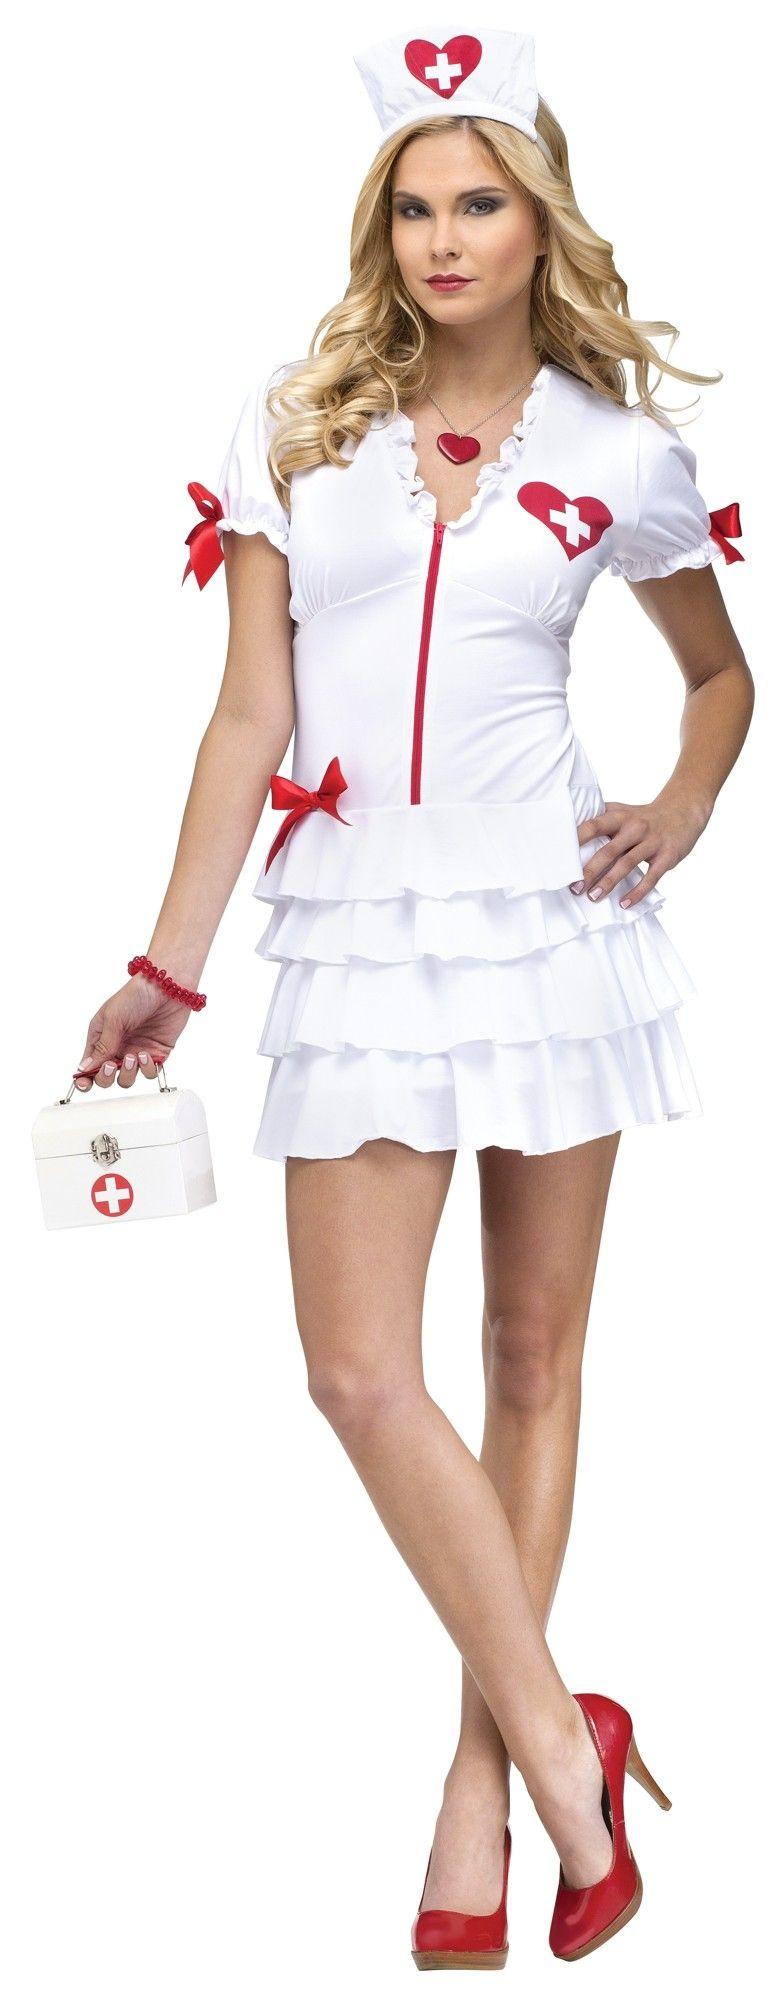 Костюм красотки медсестры (46-48) костюм внимательной медсестры 42 46